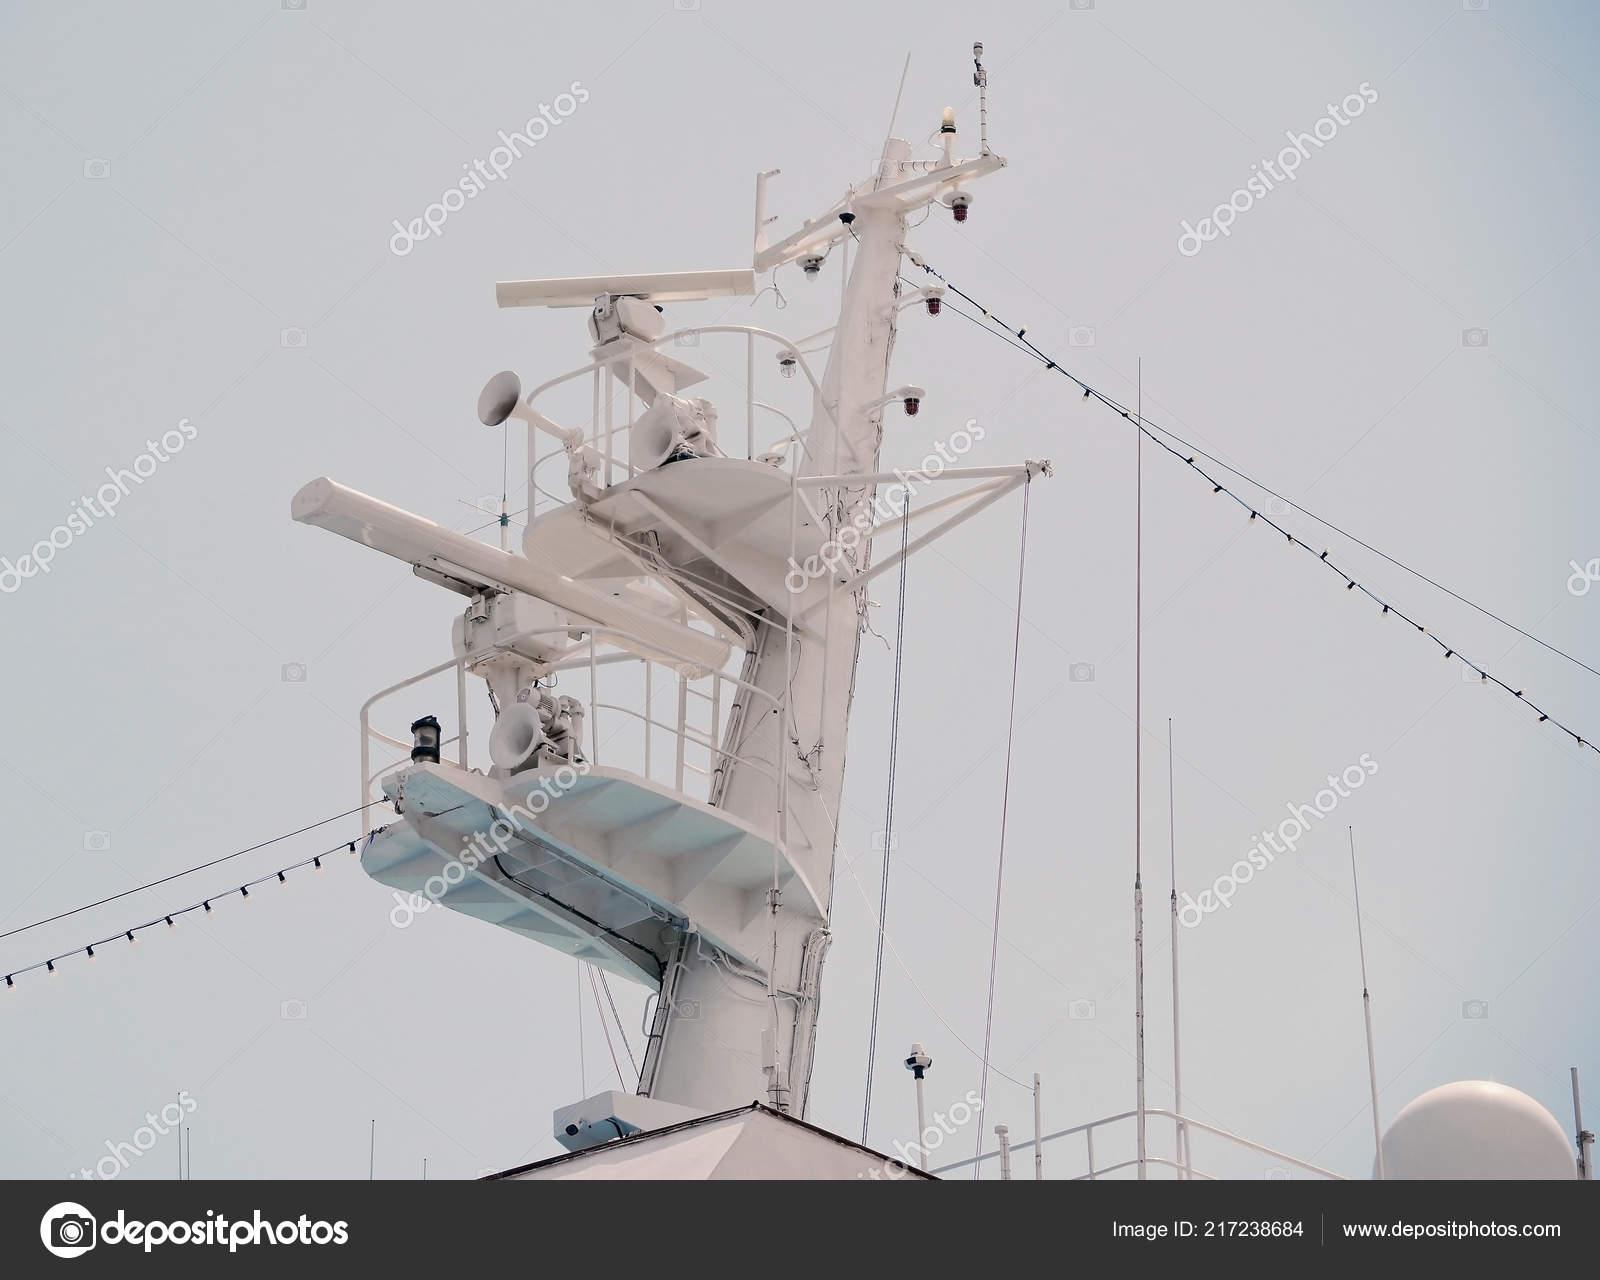 Entfernungsmesser Schiff : Kommunikation und navigation ausrüstung auf den mast des schiffes